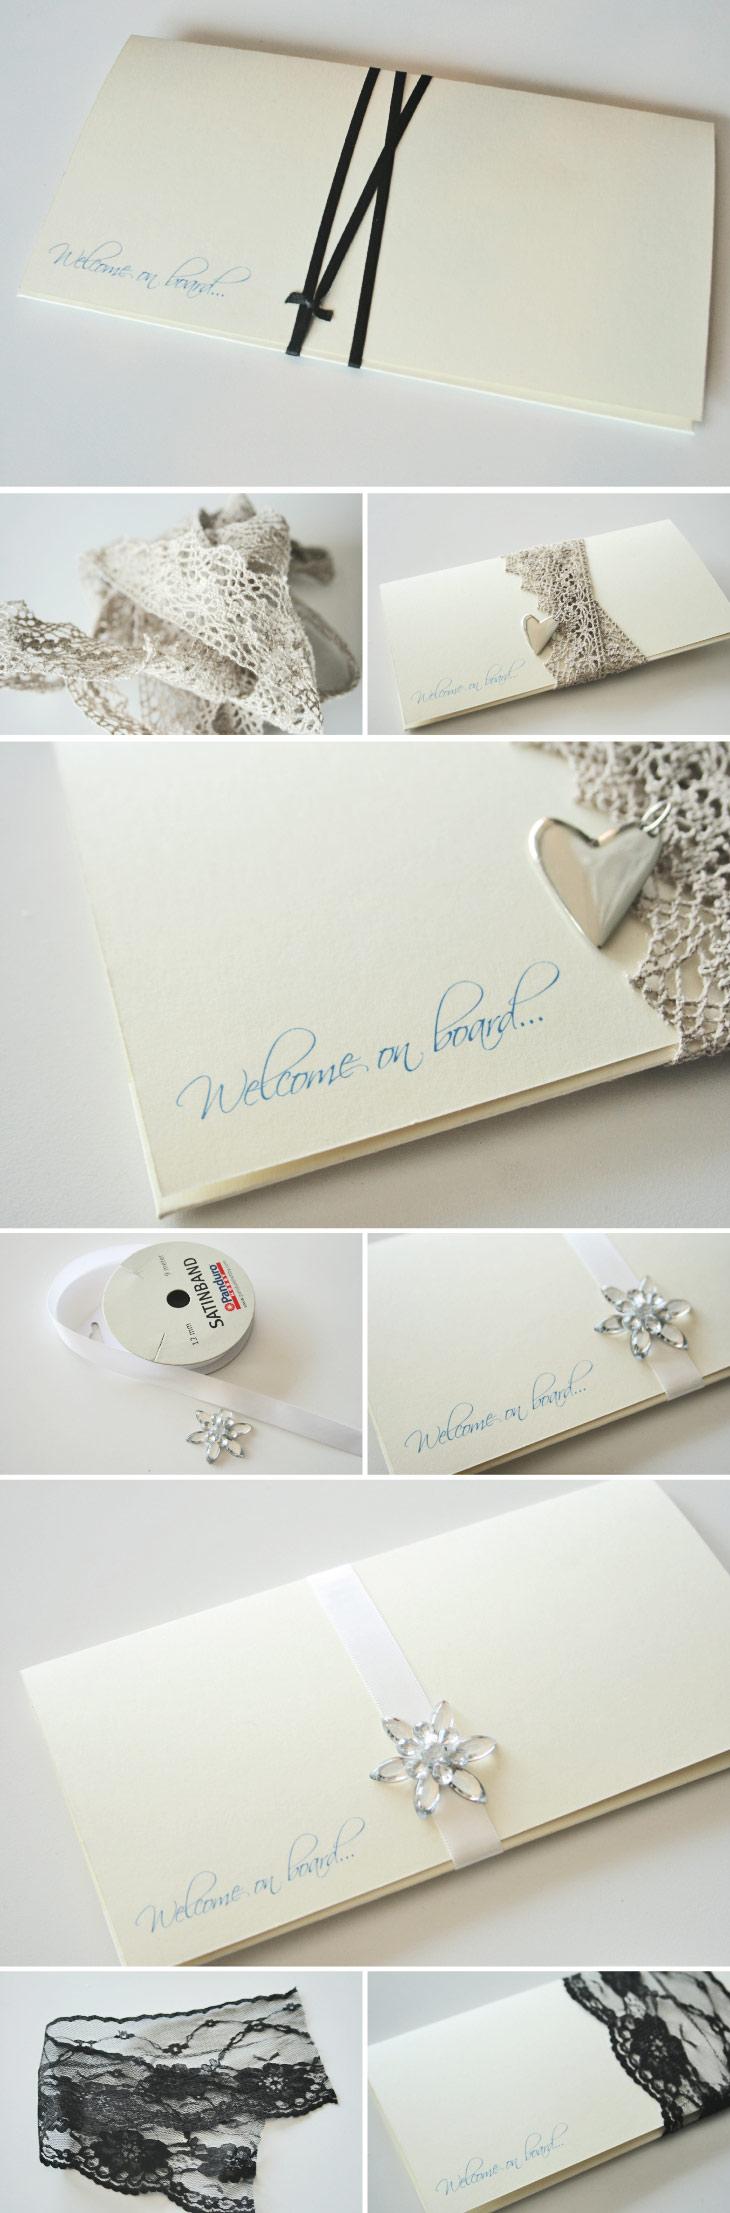 De flotte bryllupsinvitationer